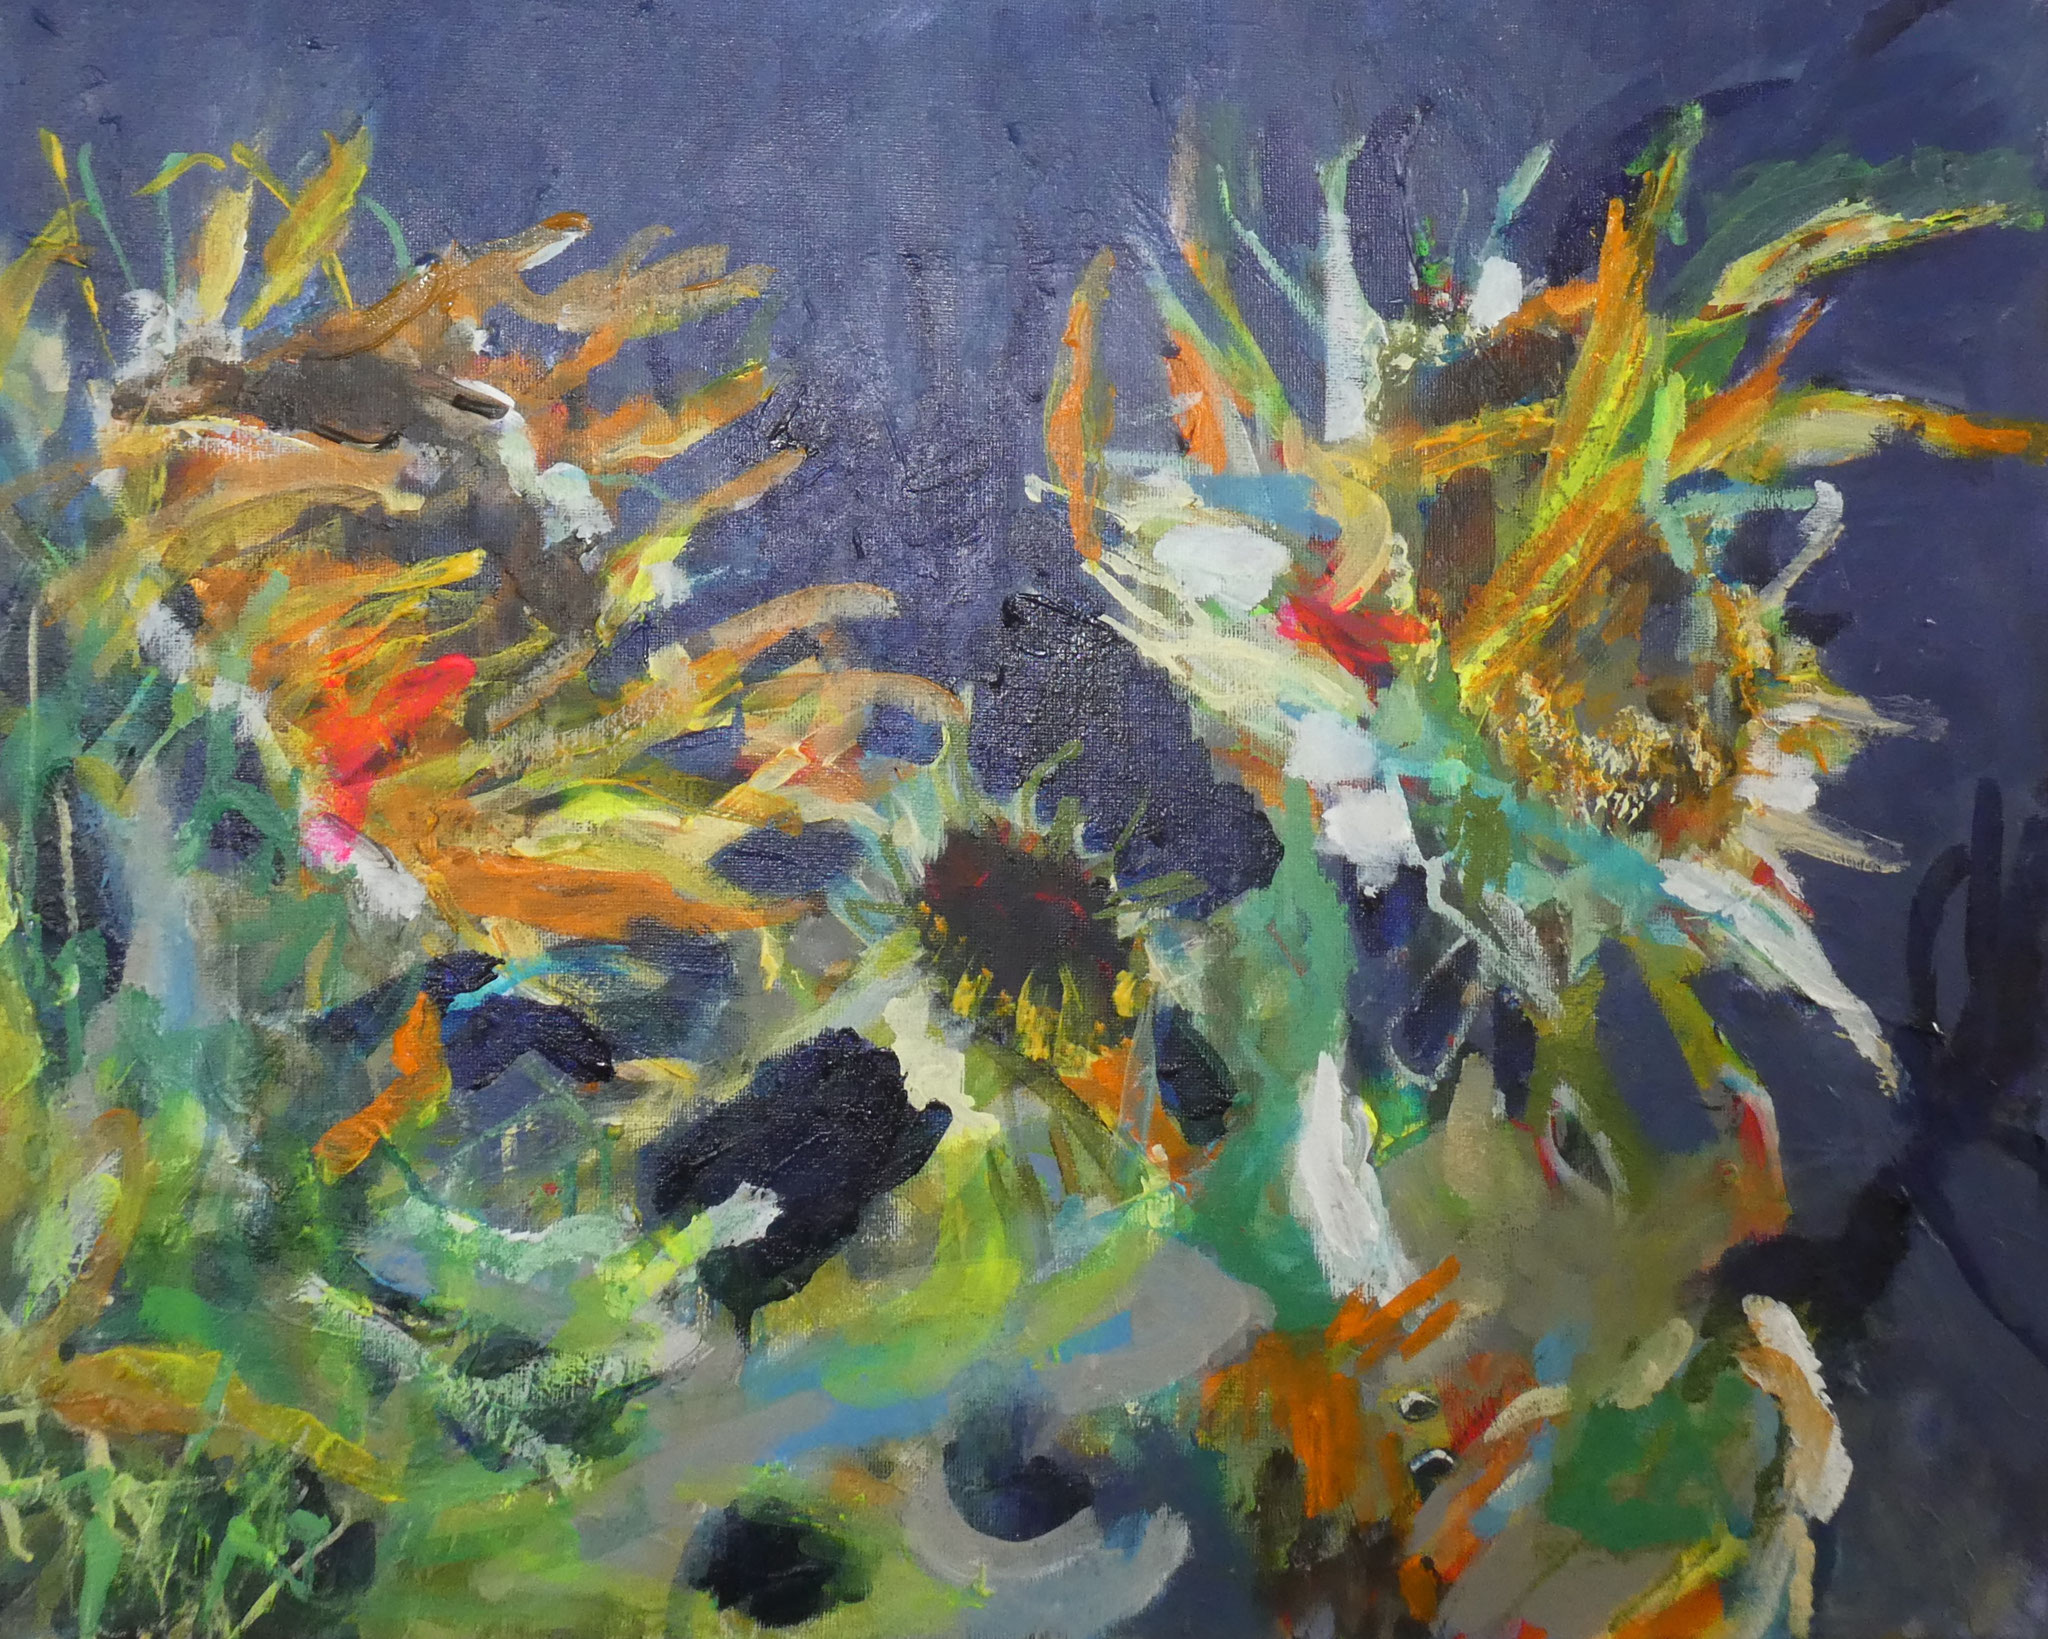 Sonnenblume 3,  40x50,  acrylic on canvas